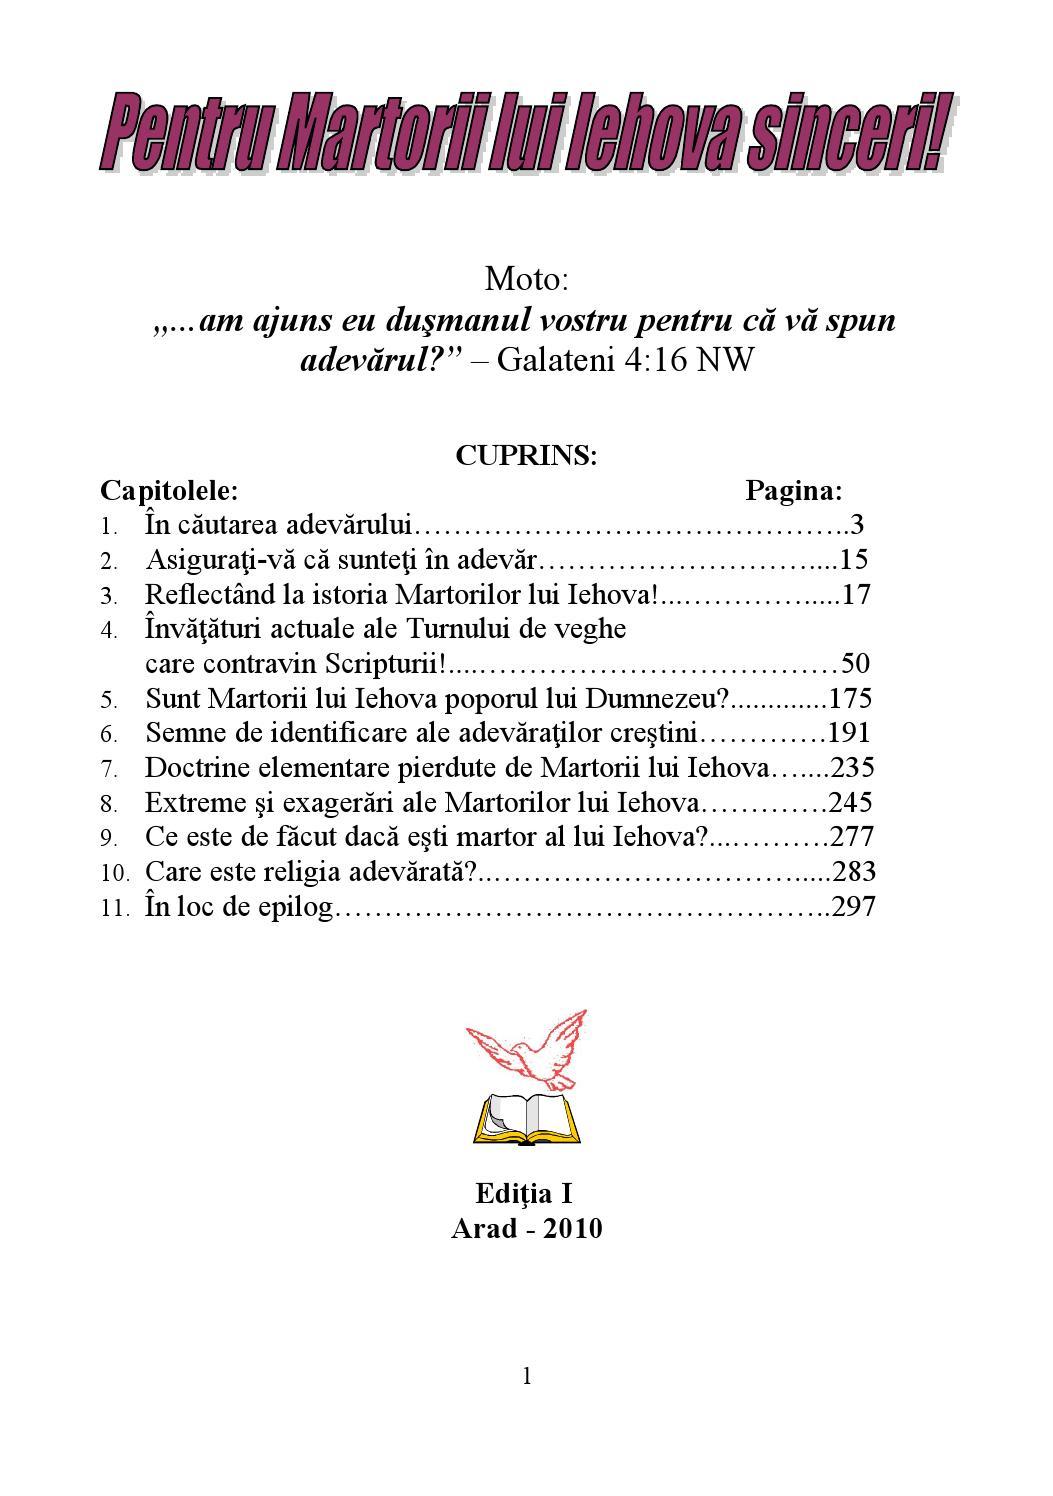 Cartea de restaurare a viziunii Bates care este punctul de vedere al albinilor